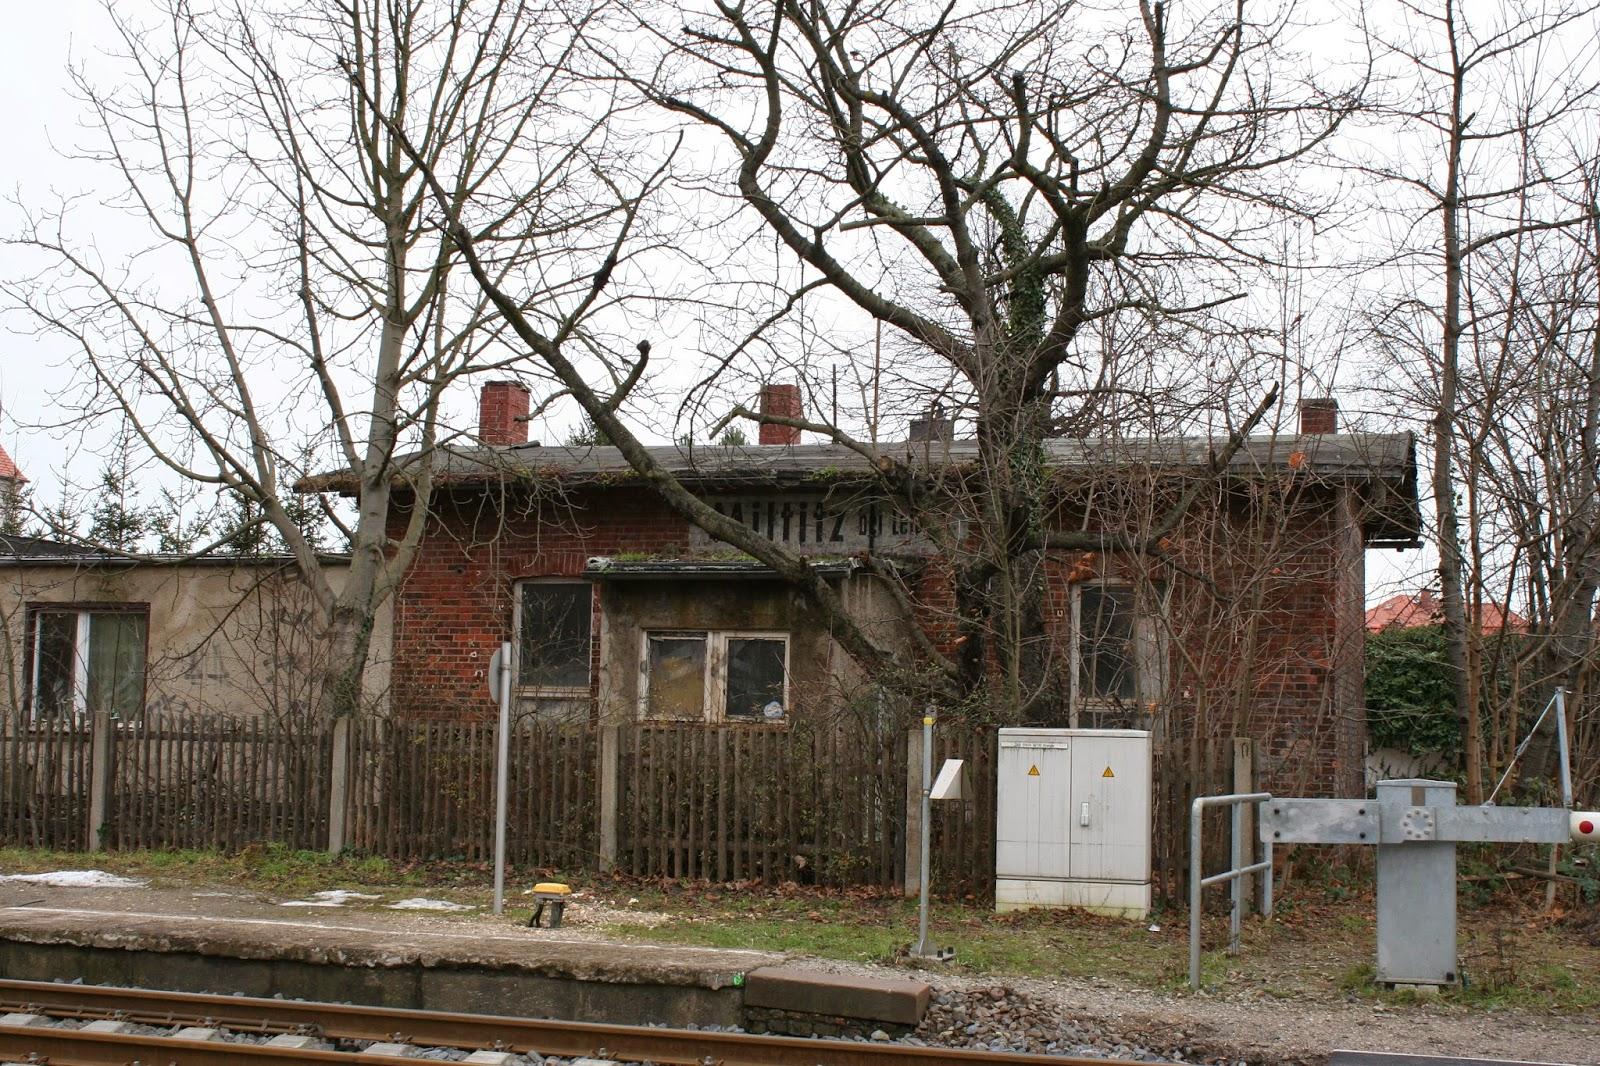 Hier das längst verlassene Eisenbahnerwohnhaus